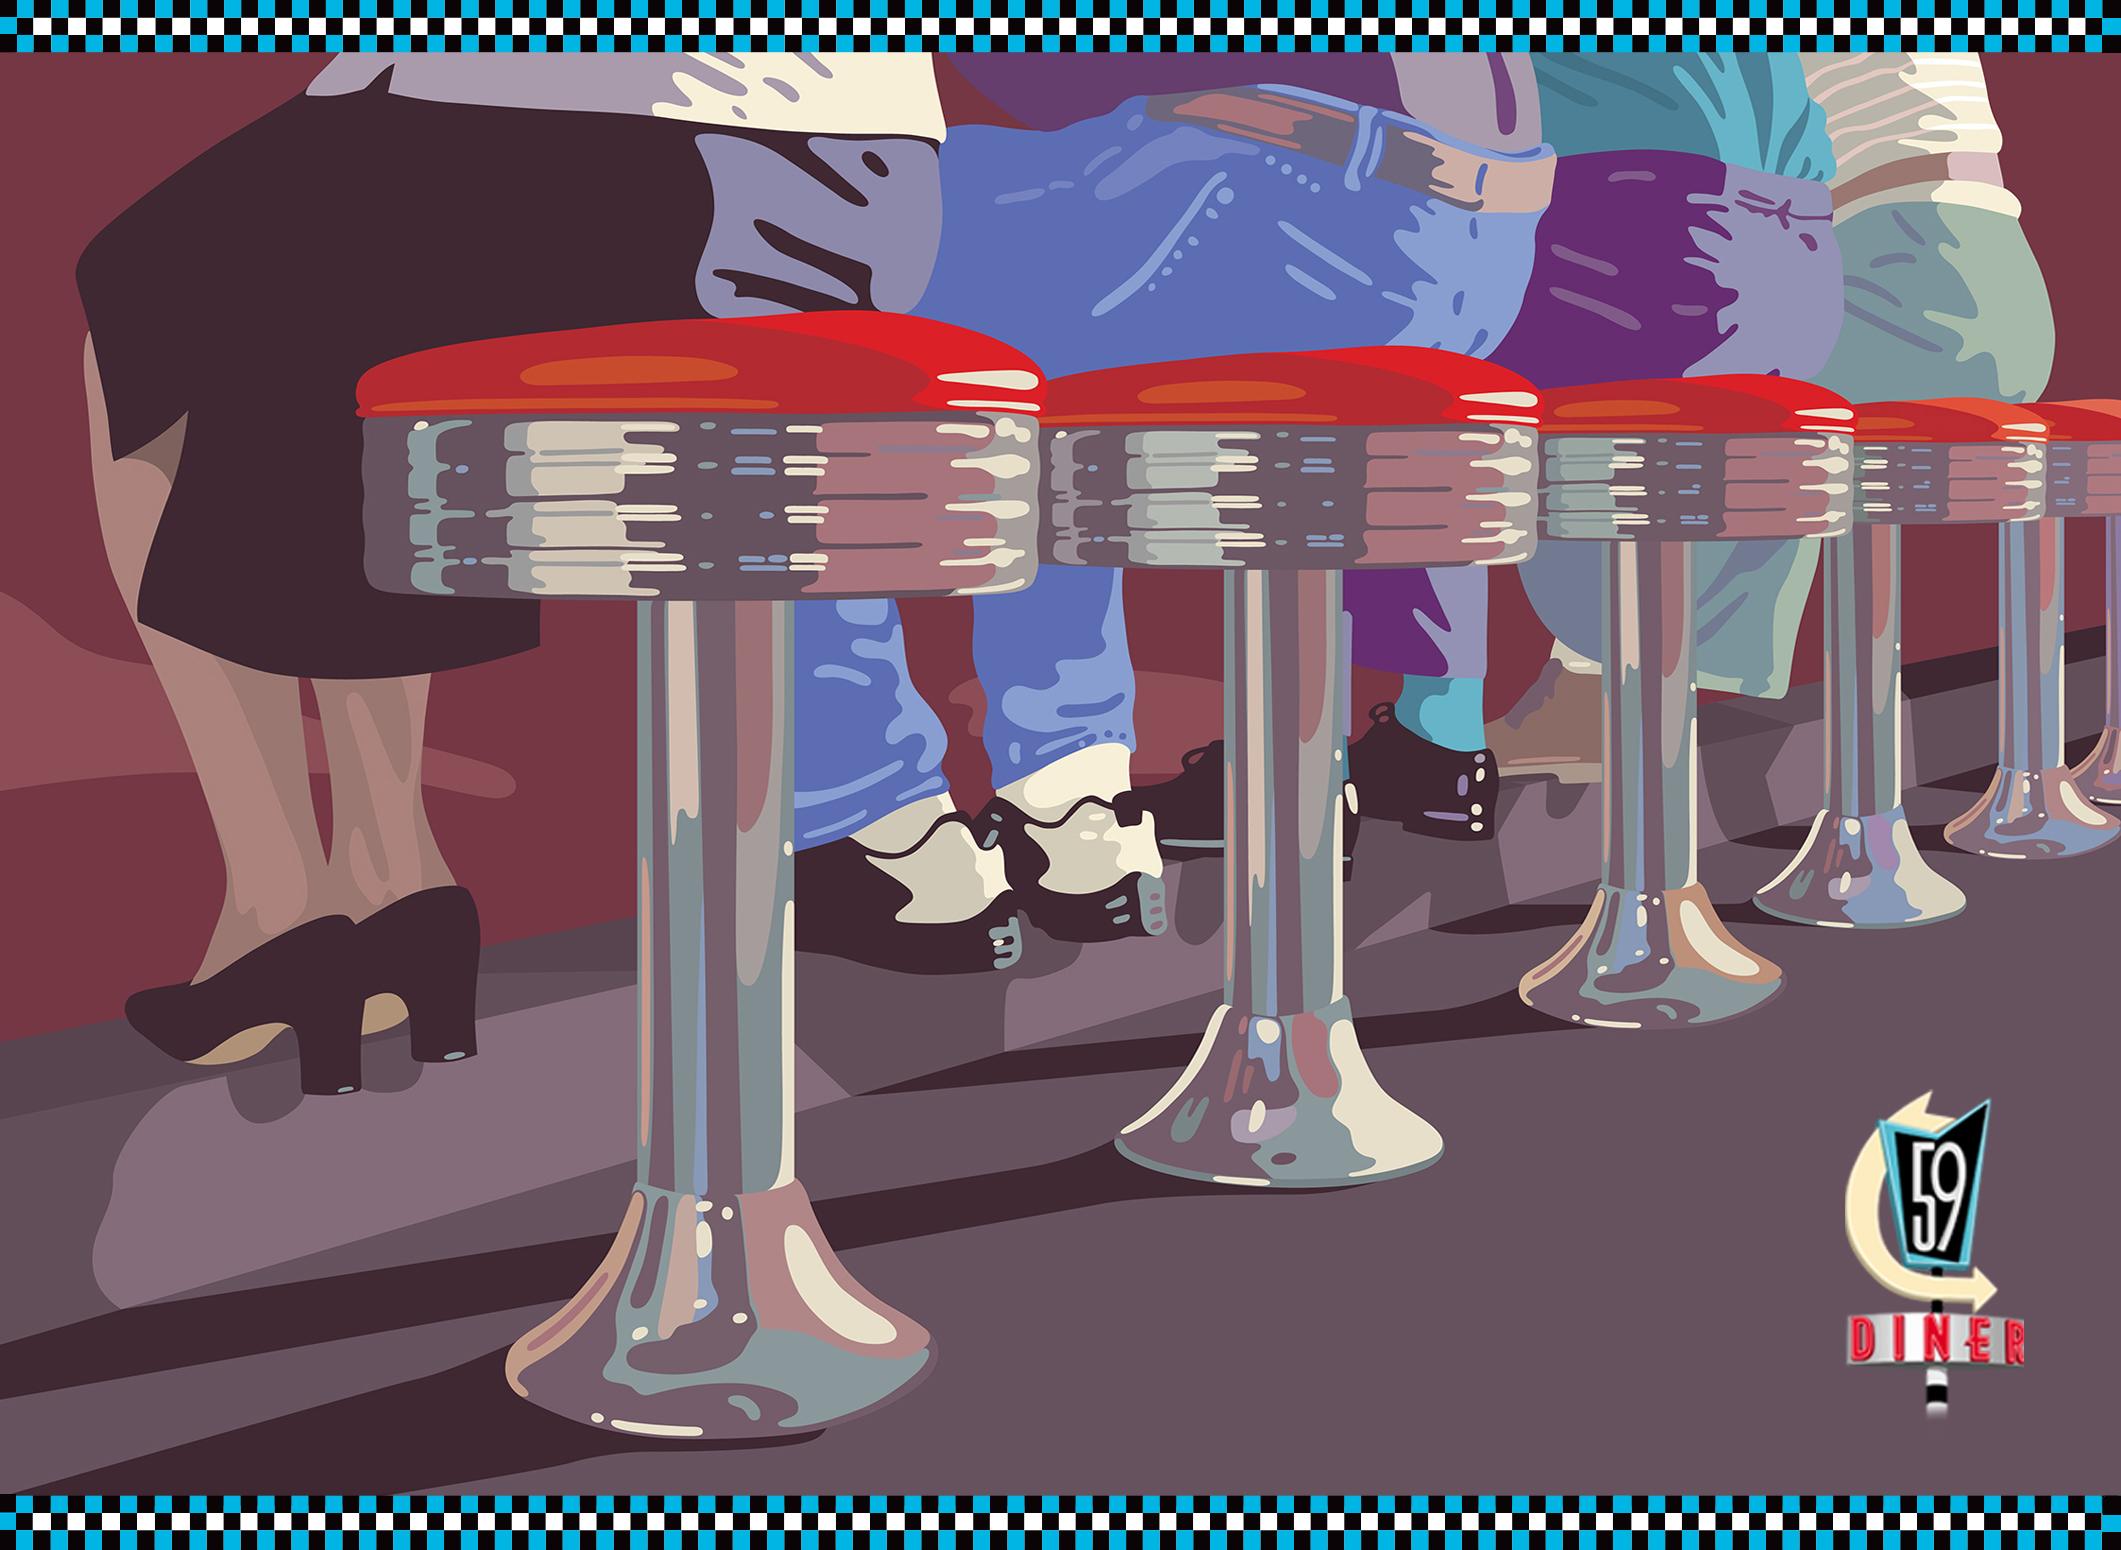 S01_09_59_counter_mural.jpg